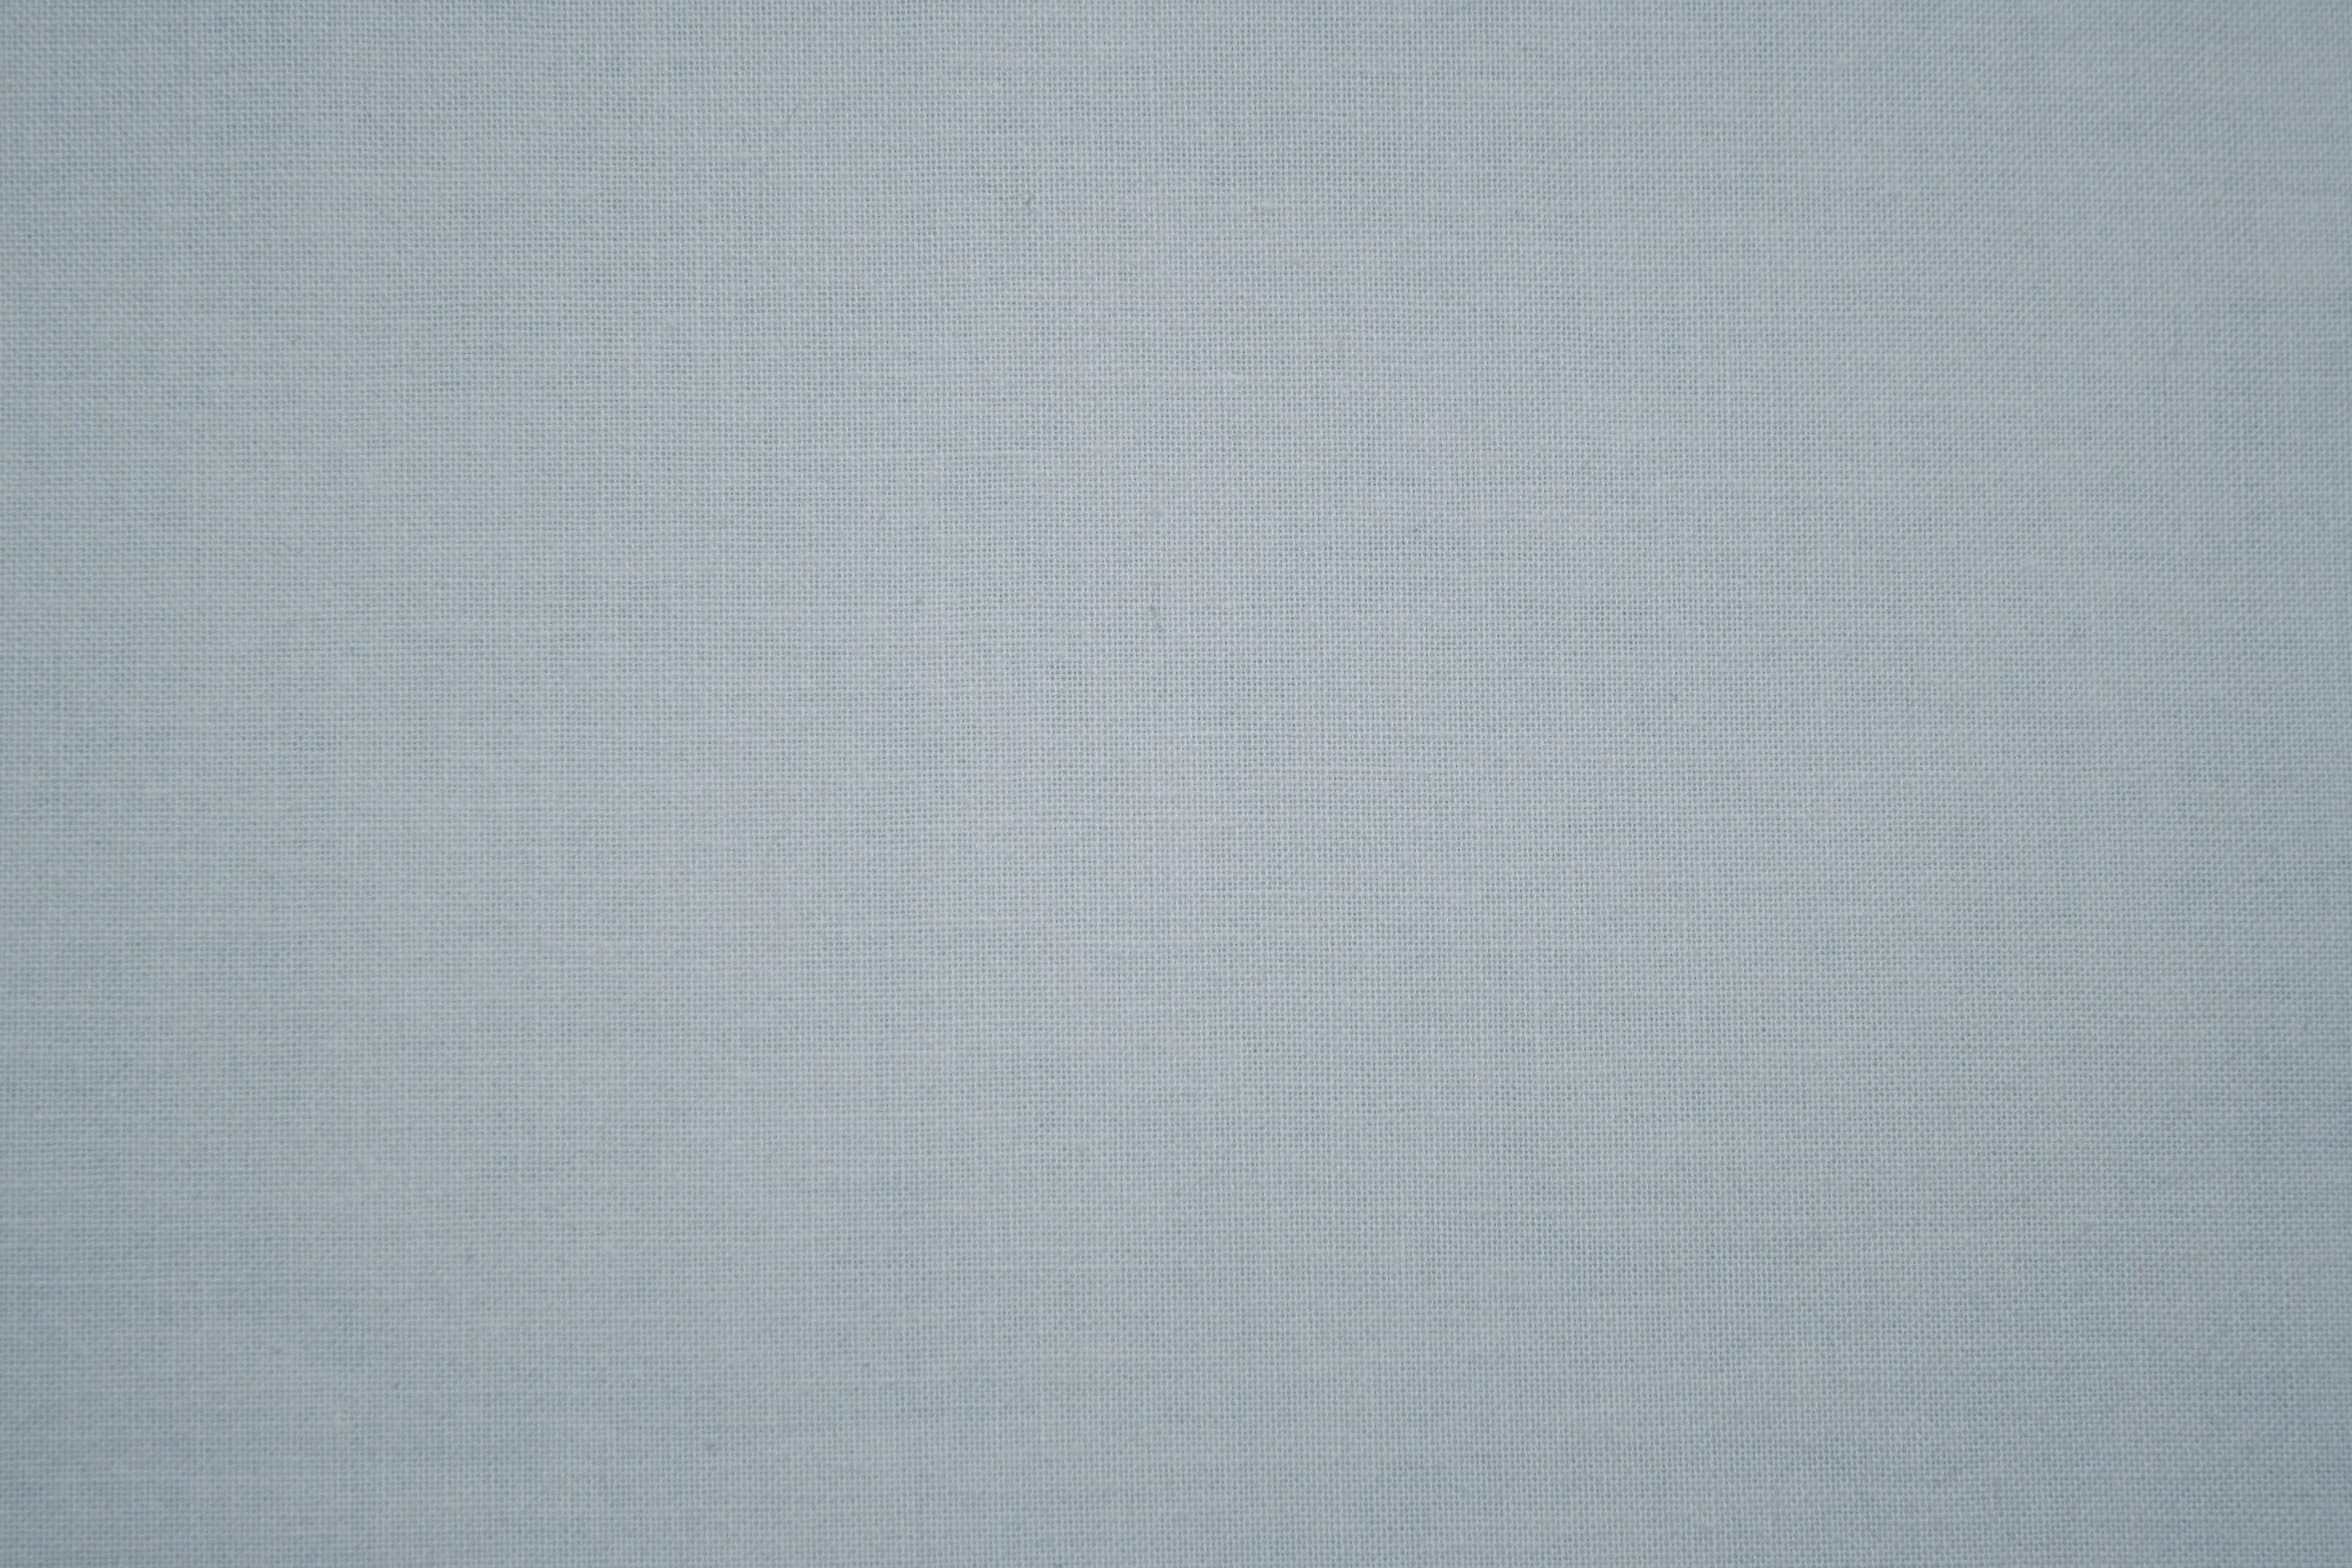 blue linen texture wallpaper